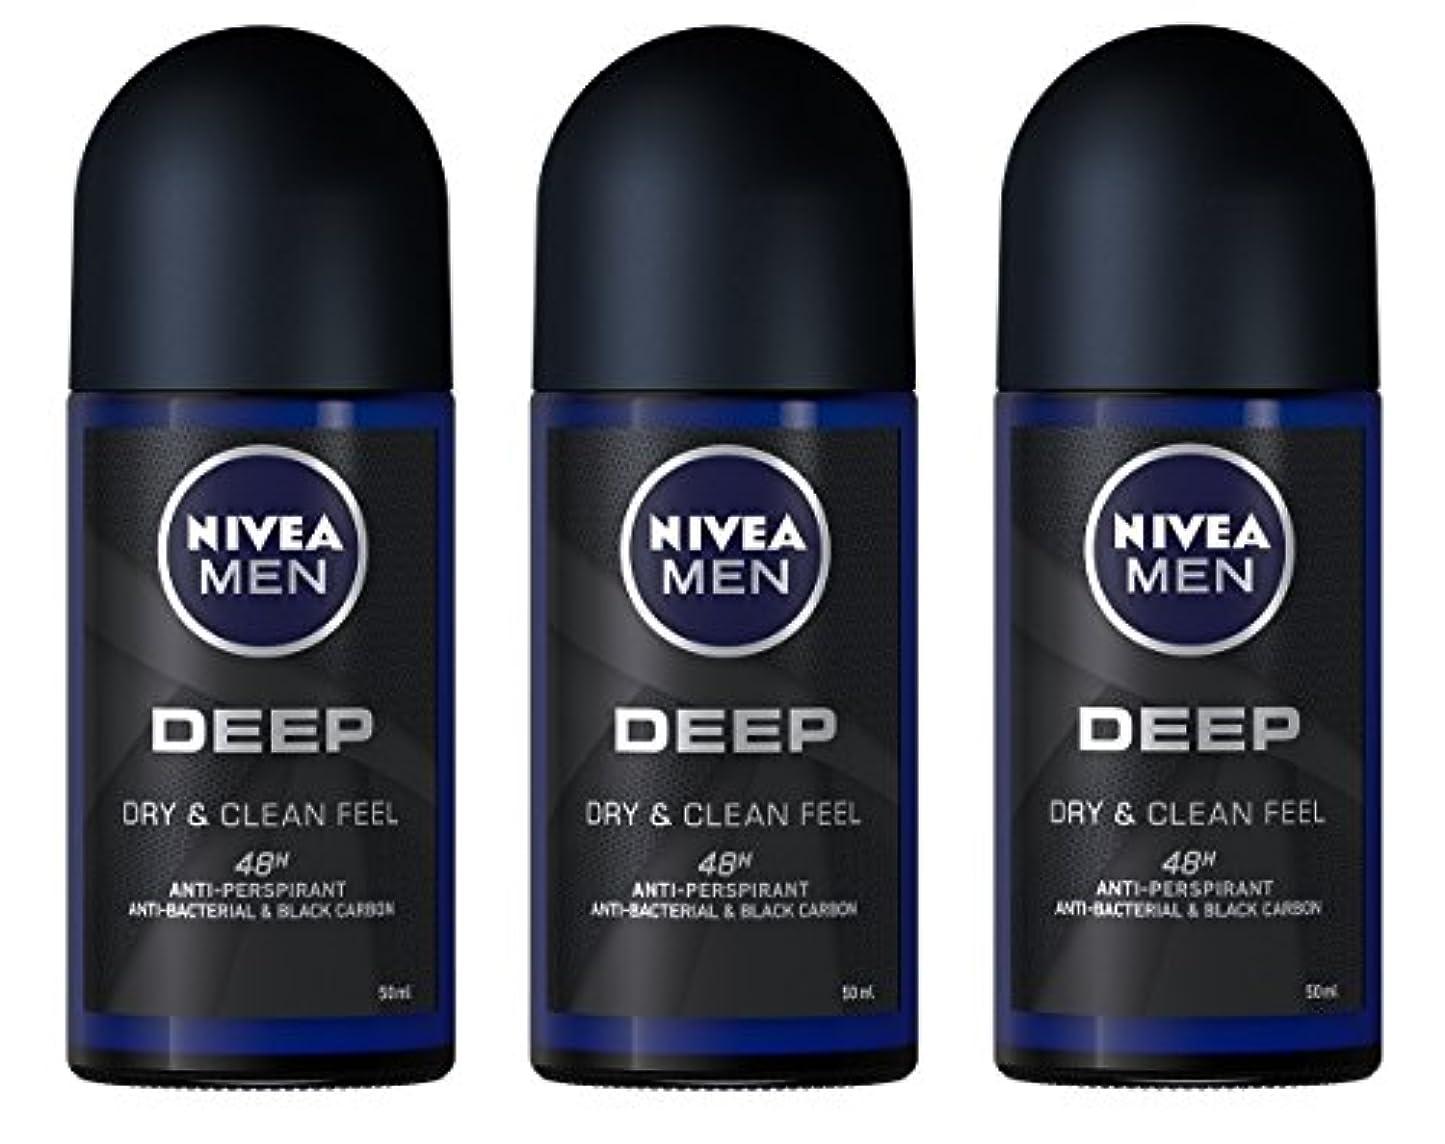 ほのめかす本物運ぶ(Pack of 3) Nivea Deep Anti-perspirant Deodorant Roll On for Men 50ml - (3パック) ニベア深い制汗剤デオドラントロールオン男性用50ml